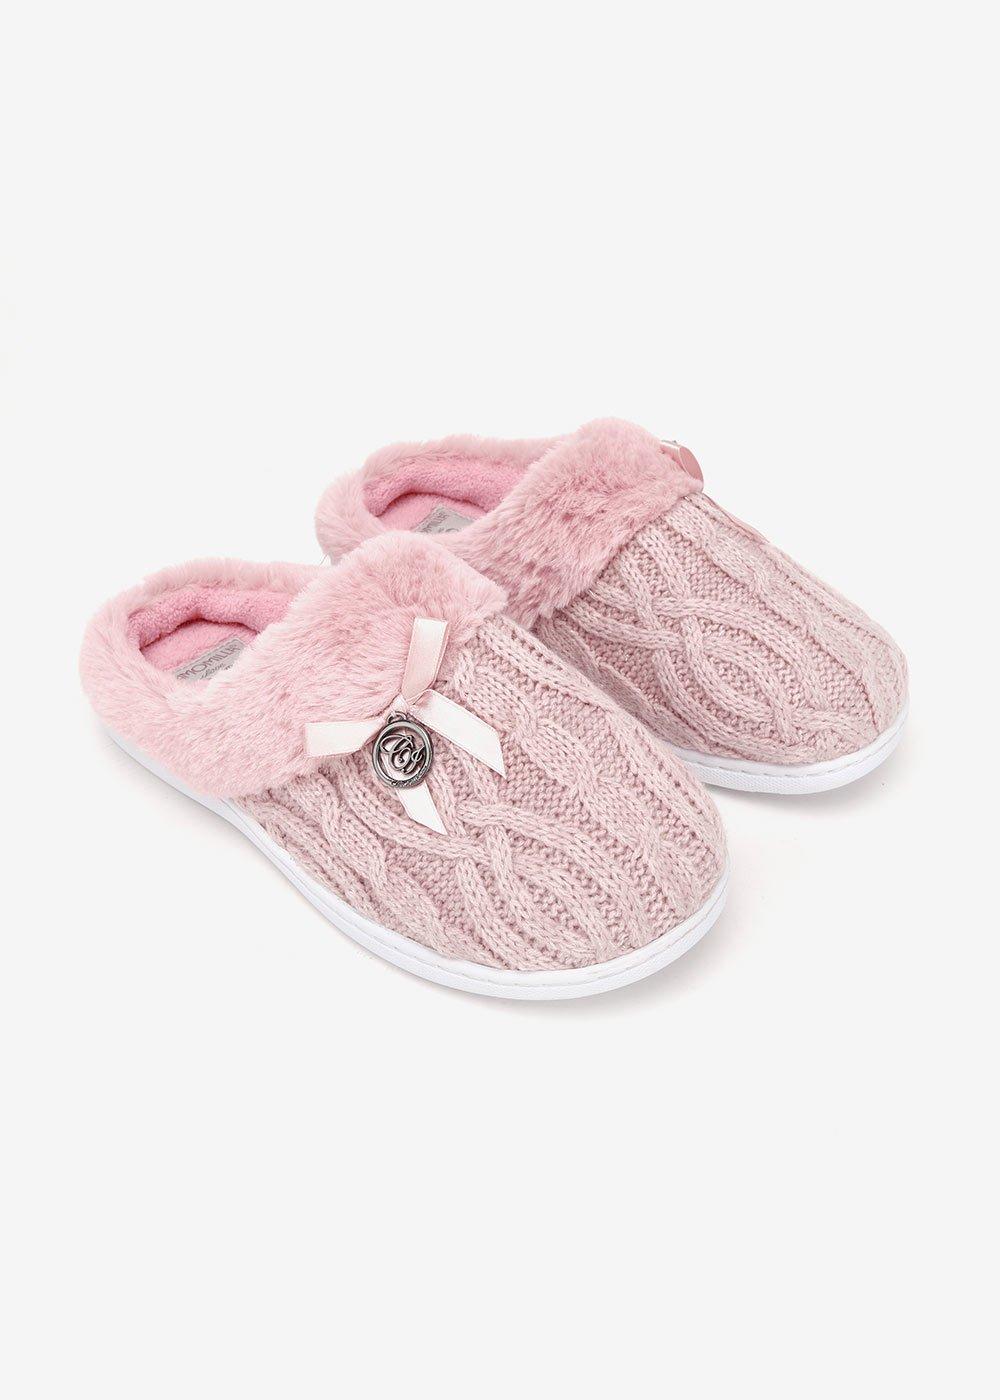 Pantofola Pessy in maglia - Cipria - Donna